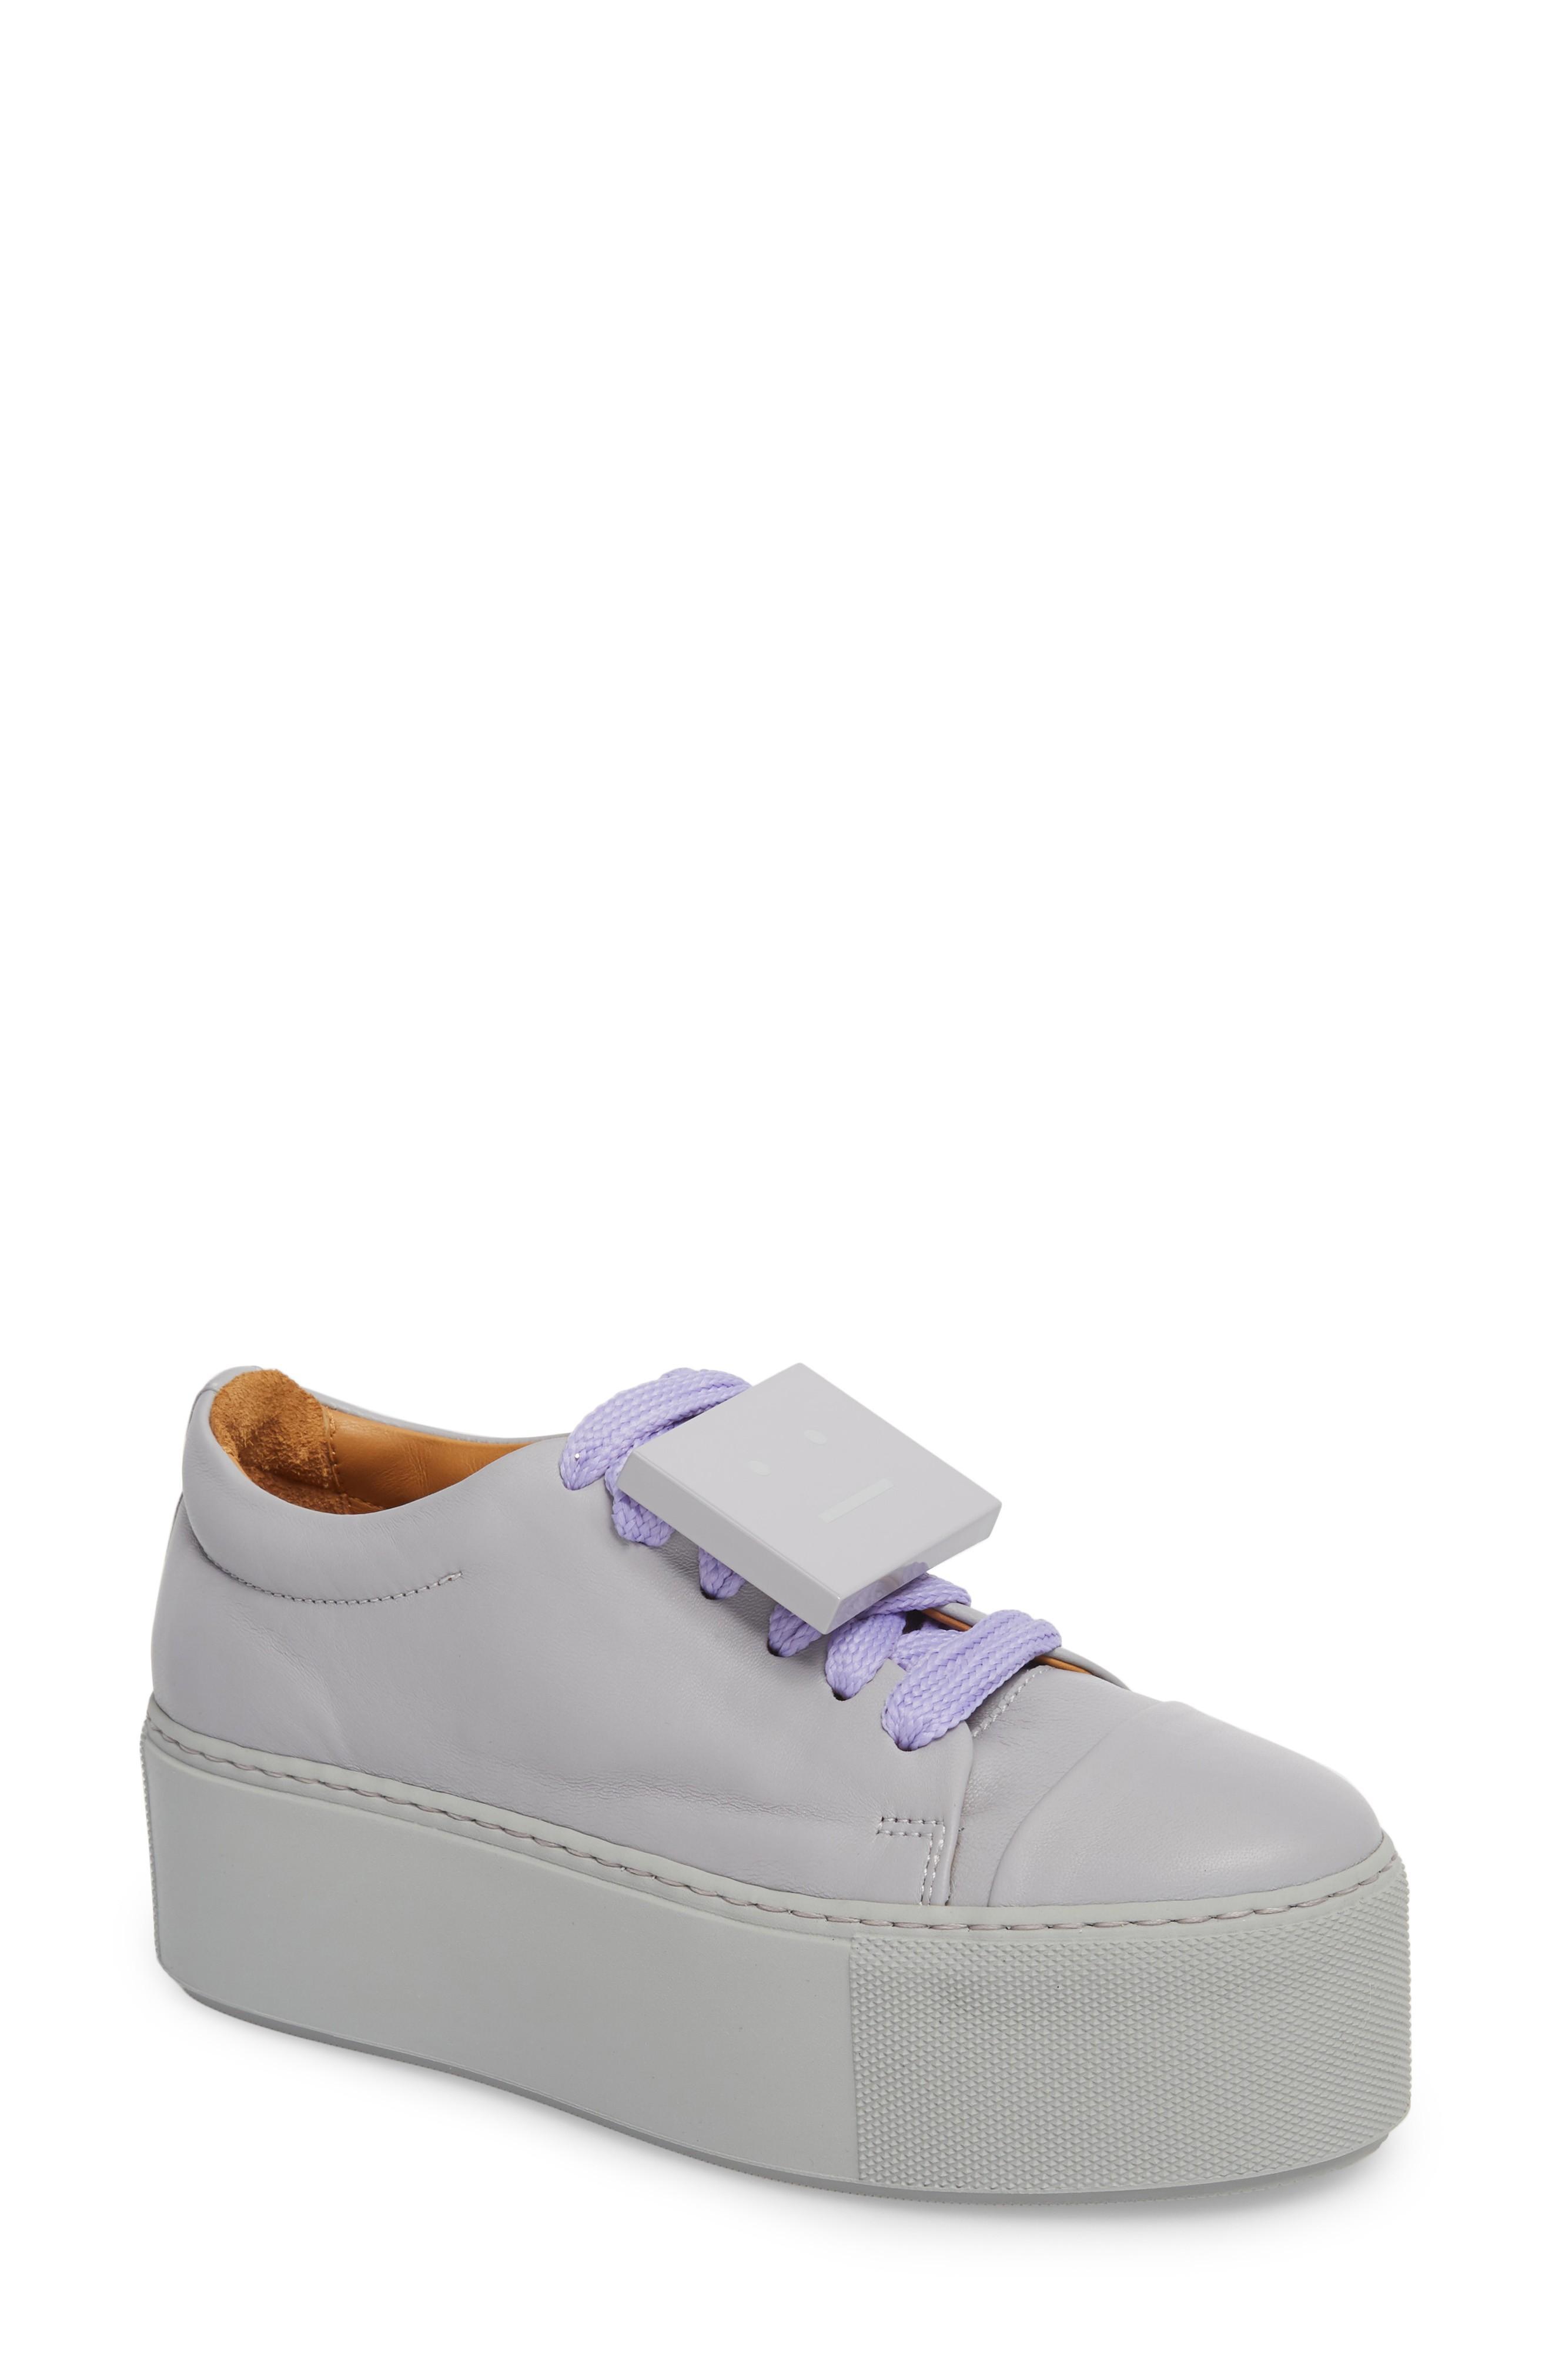 e66da37f4d58 Acne Studios Drihanna Nappa Leather Platform Sneaker In Solid Pale ...